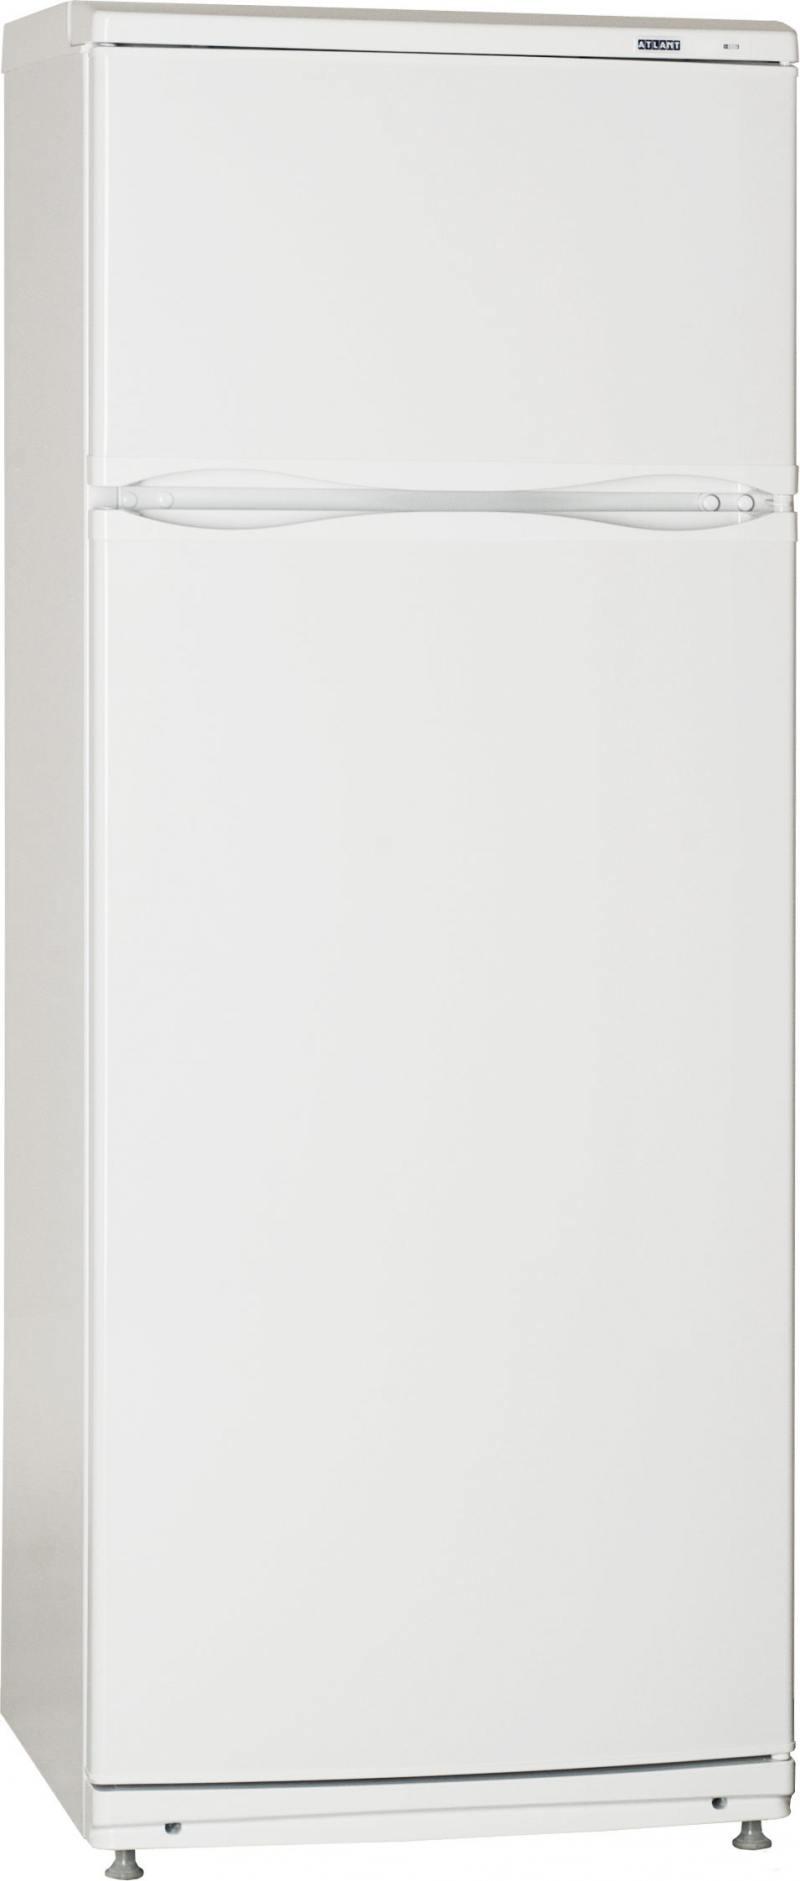 МХМ-2808-90 (00,97) двухкамерный холодильник atlant мхм 1848 62